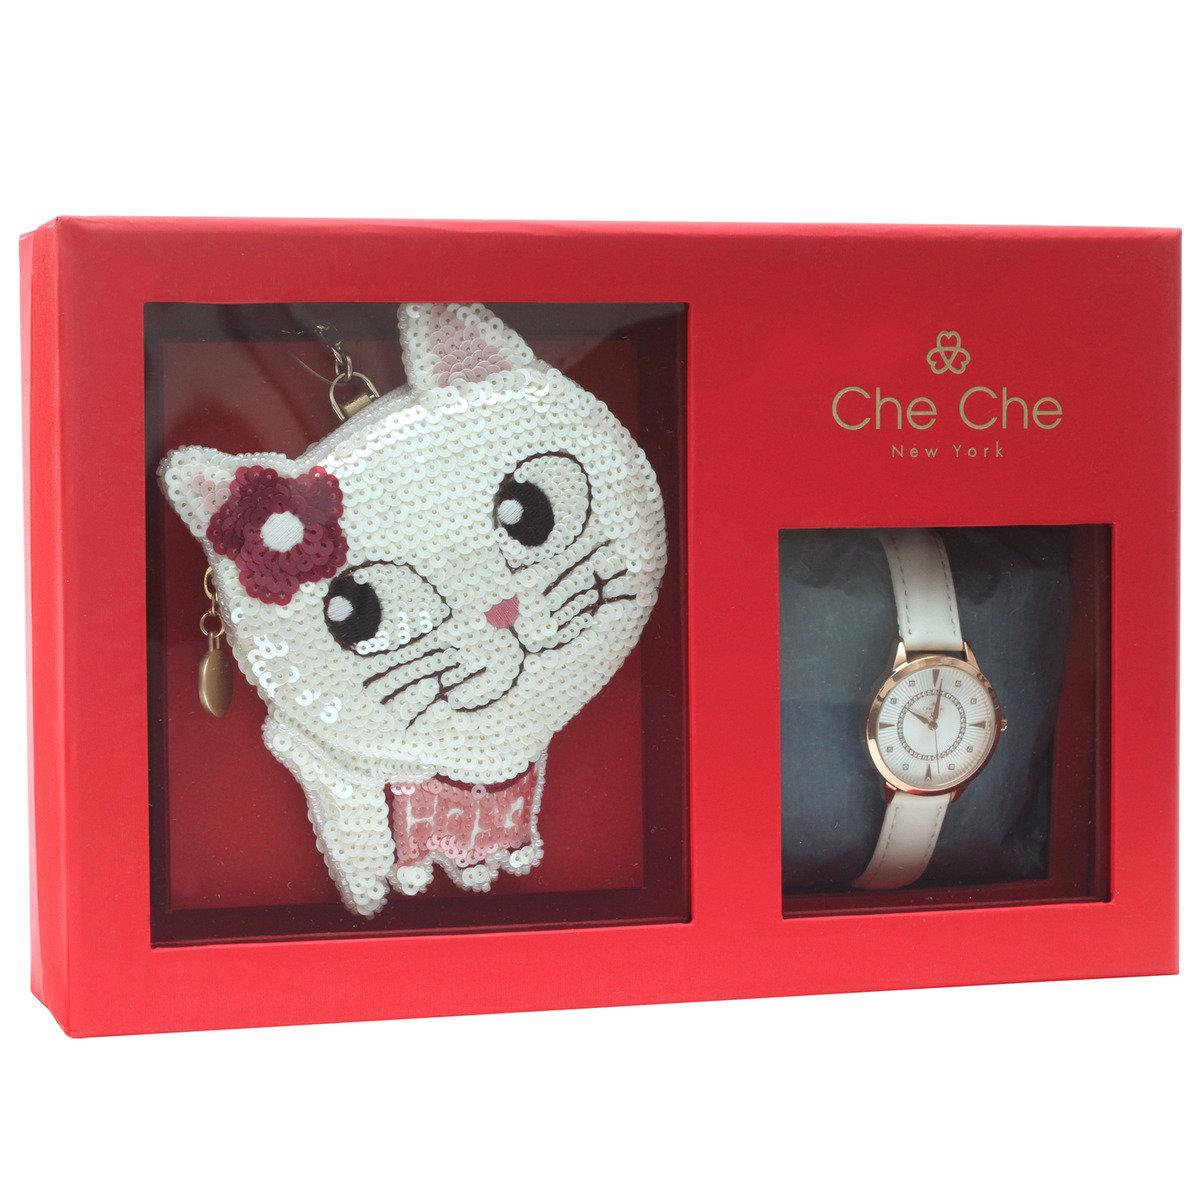 手腕錶+釘珠片小貓零錢包禮盒